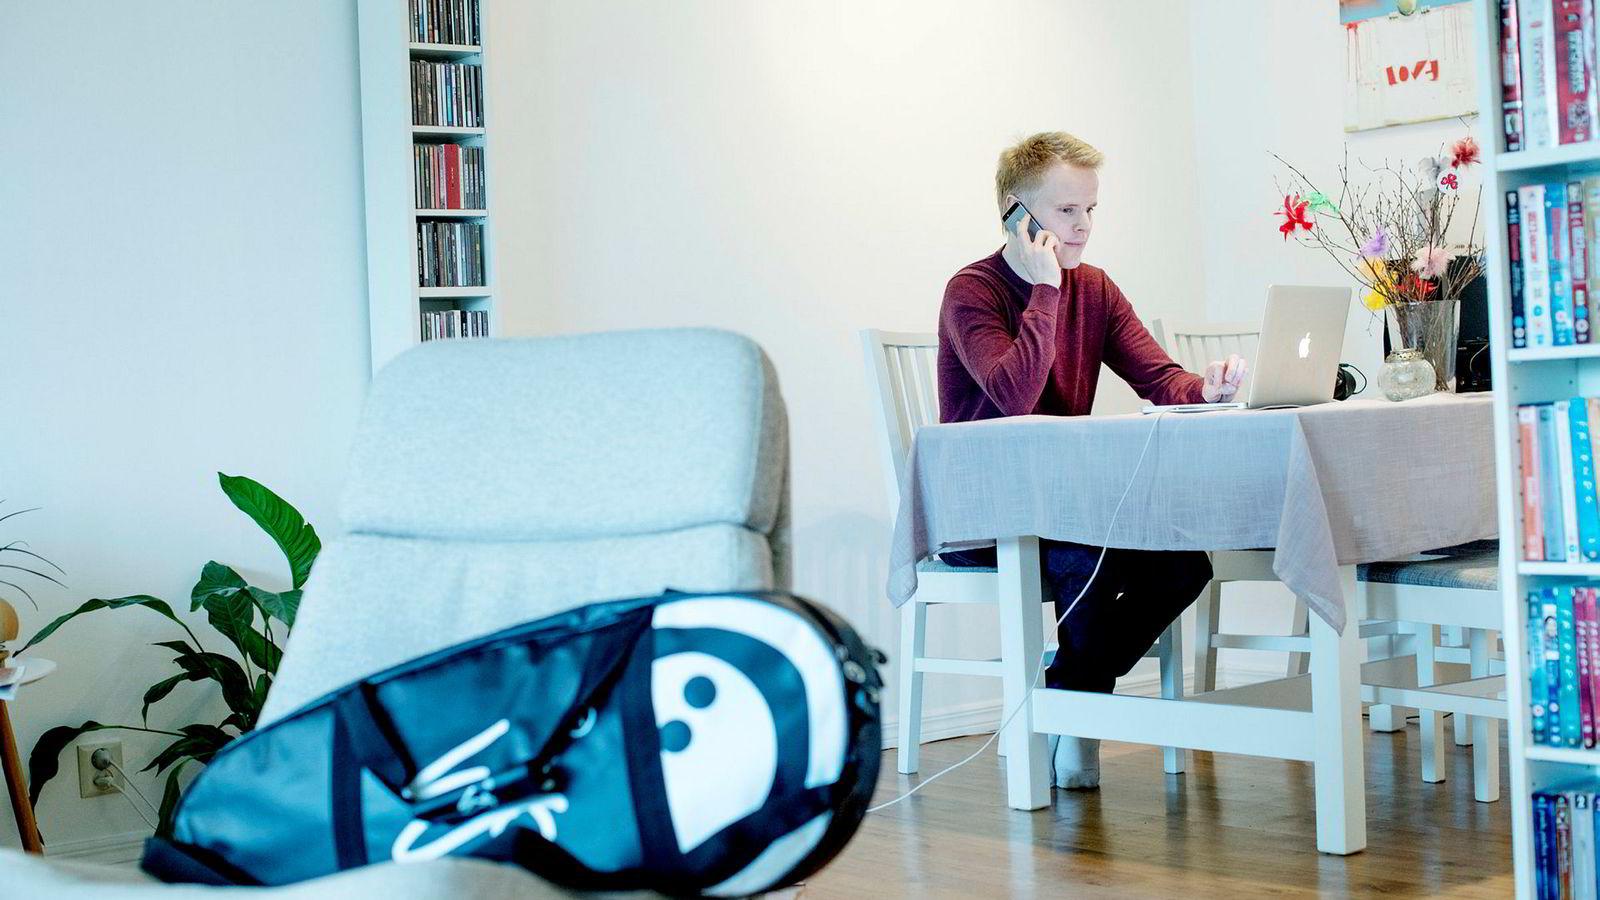 Nyutdannede Christer Halsøy Normann (25) har en master i psykologi fra UiB og har siden juni har han søkt på 100 relevante stillinger uten å få napp. Han er overrasket over hvor lite støtte han har fått fra Nav og andre offentlige tjenester med tanke på å entre arbeidslivet.